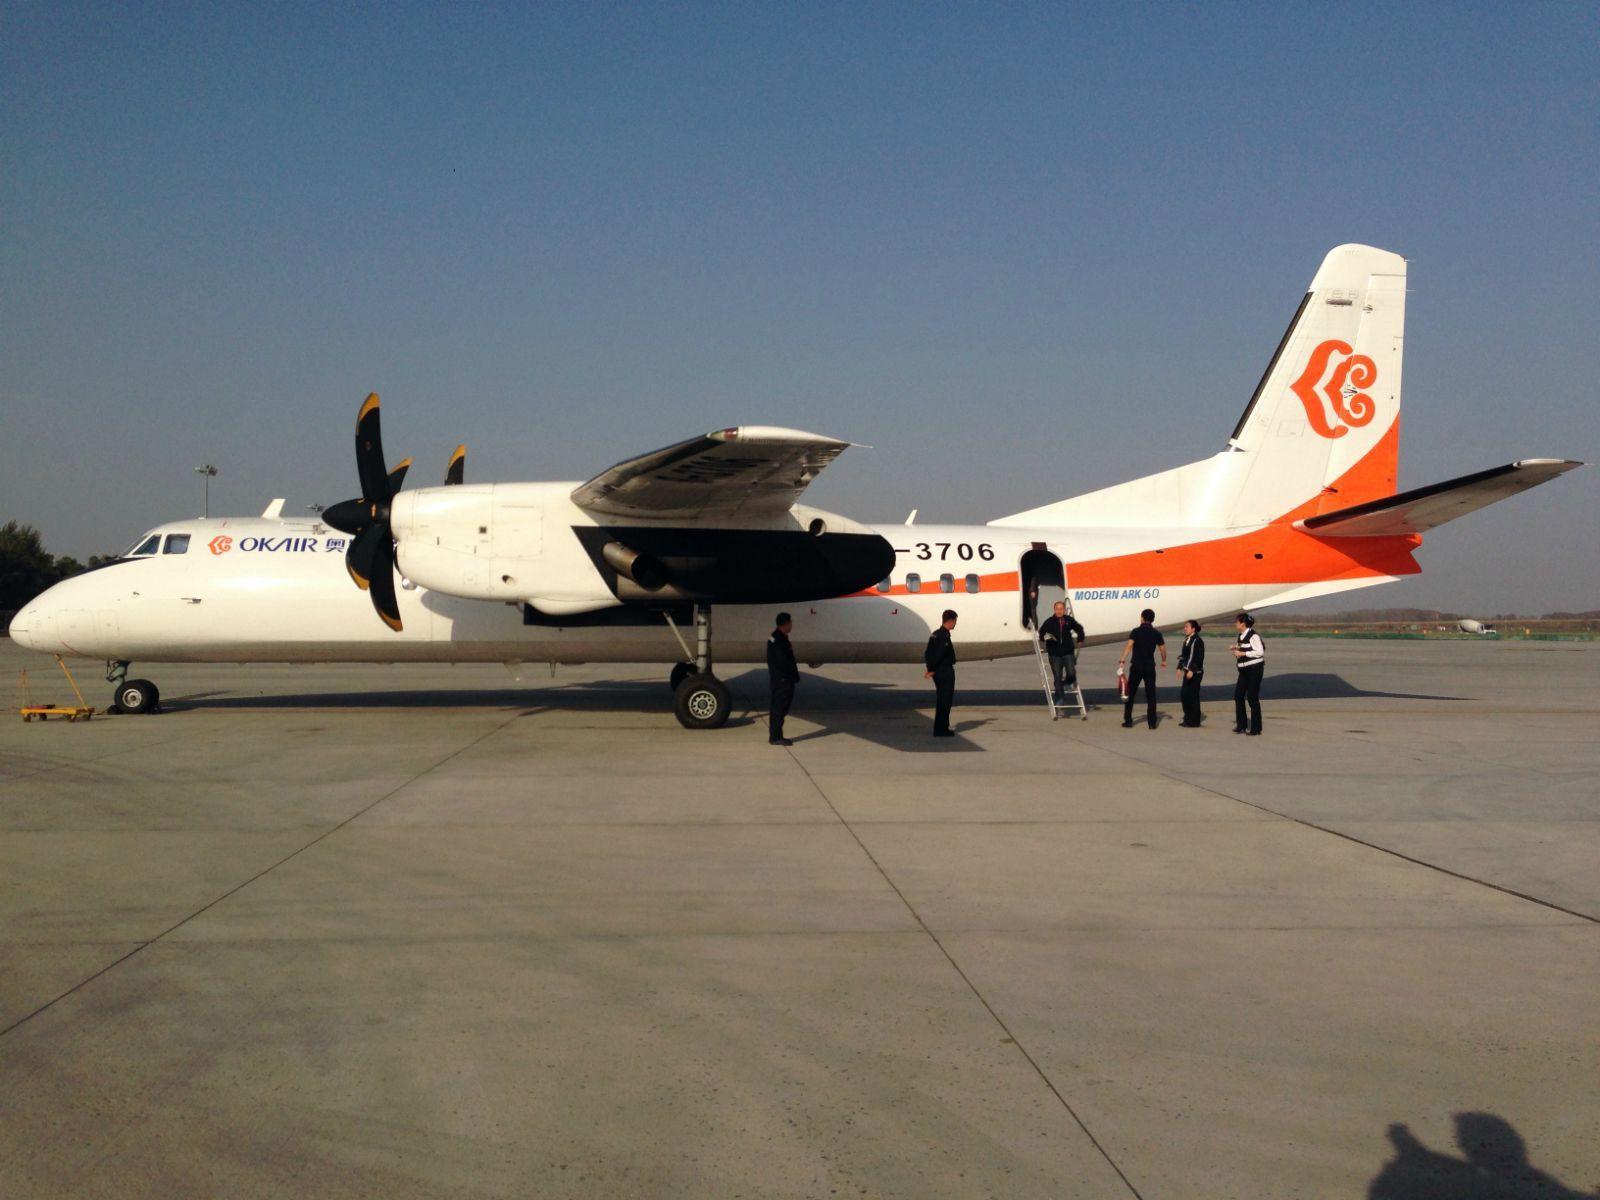 执飞哈尔滨到漠河段的奥凯航空神州60螺旋桨支线飞机,经停加格达奇